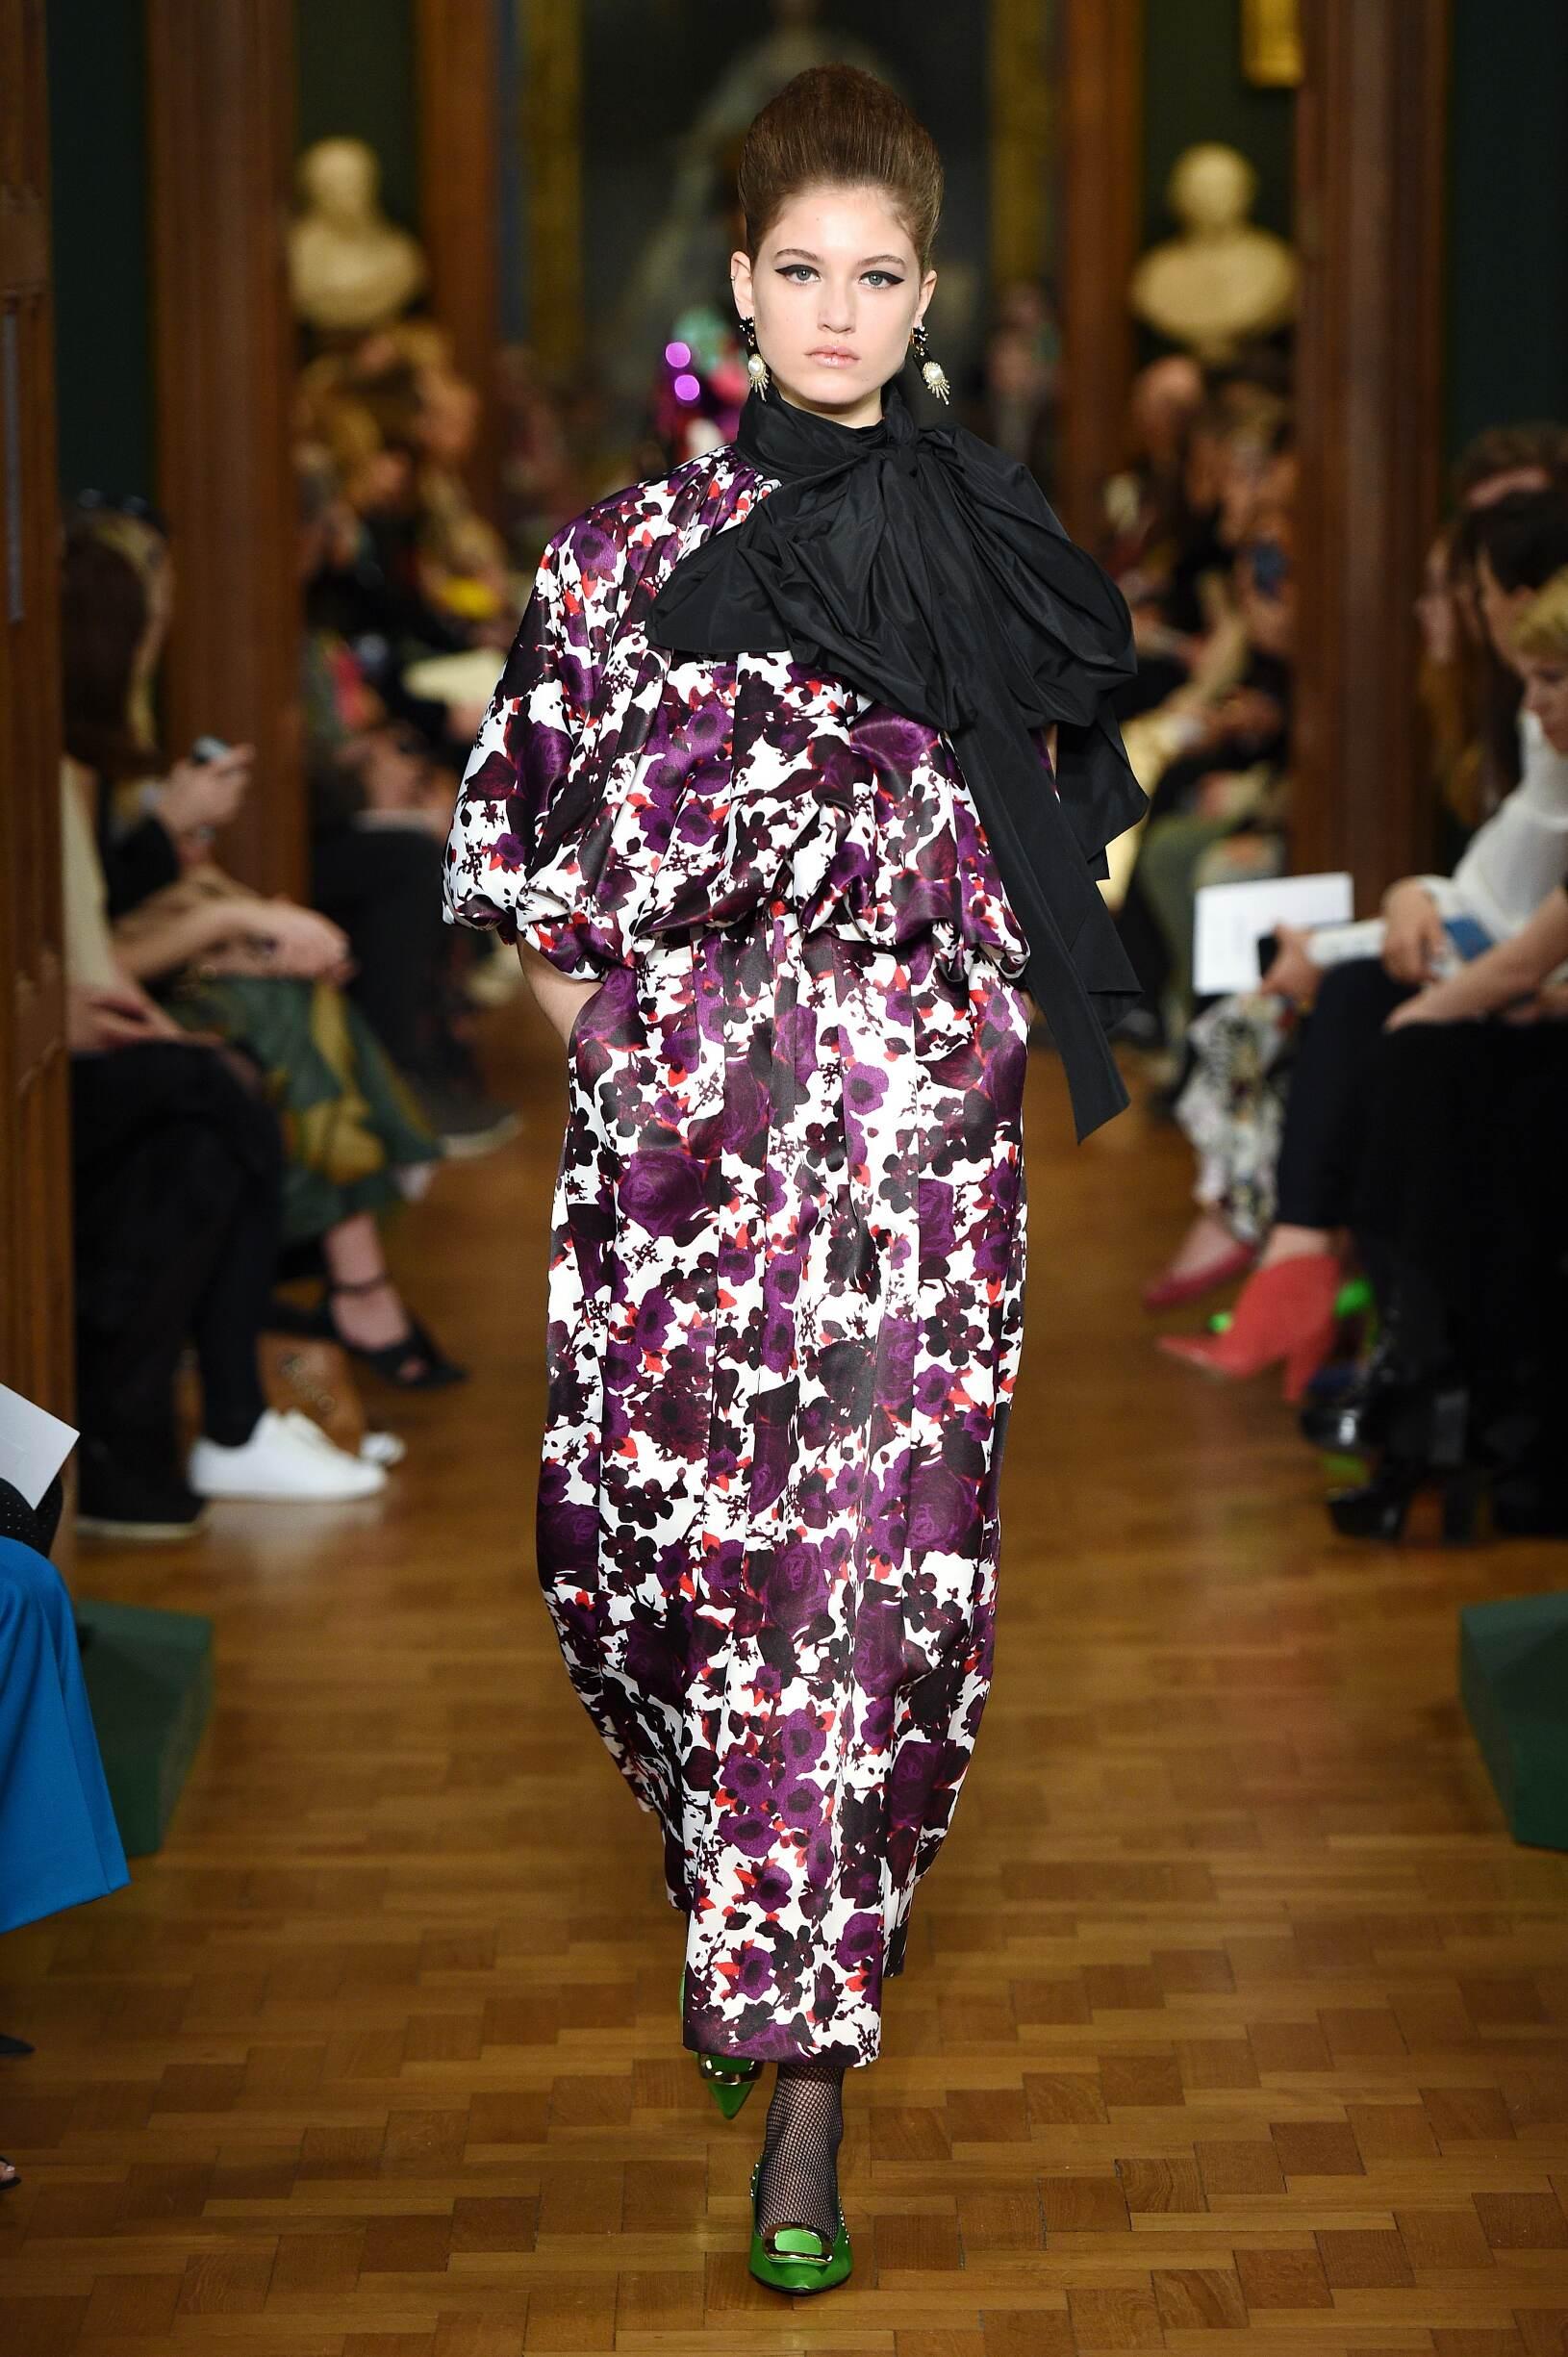 Woman FW 2019 Erdem Show London Fashion Week